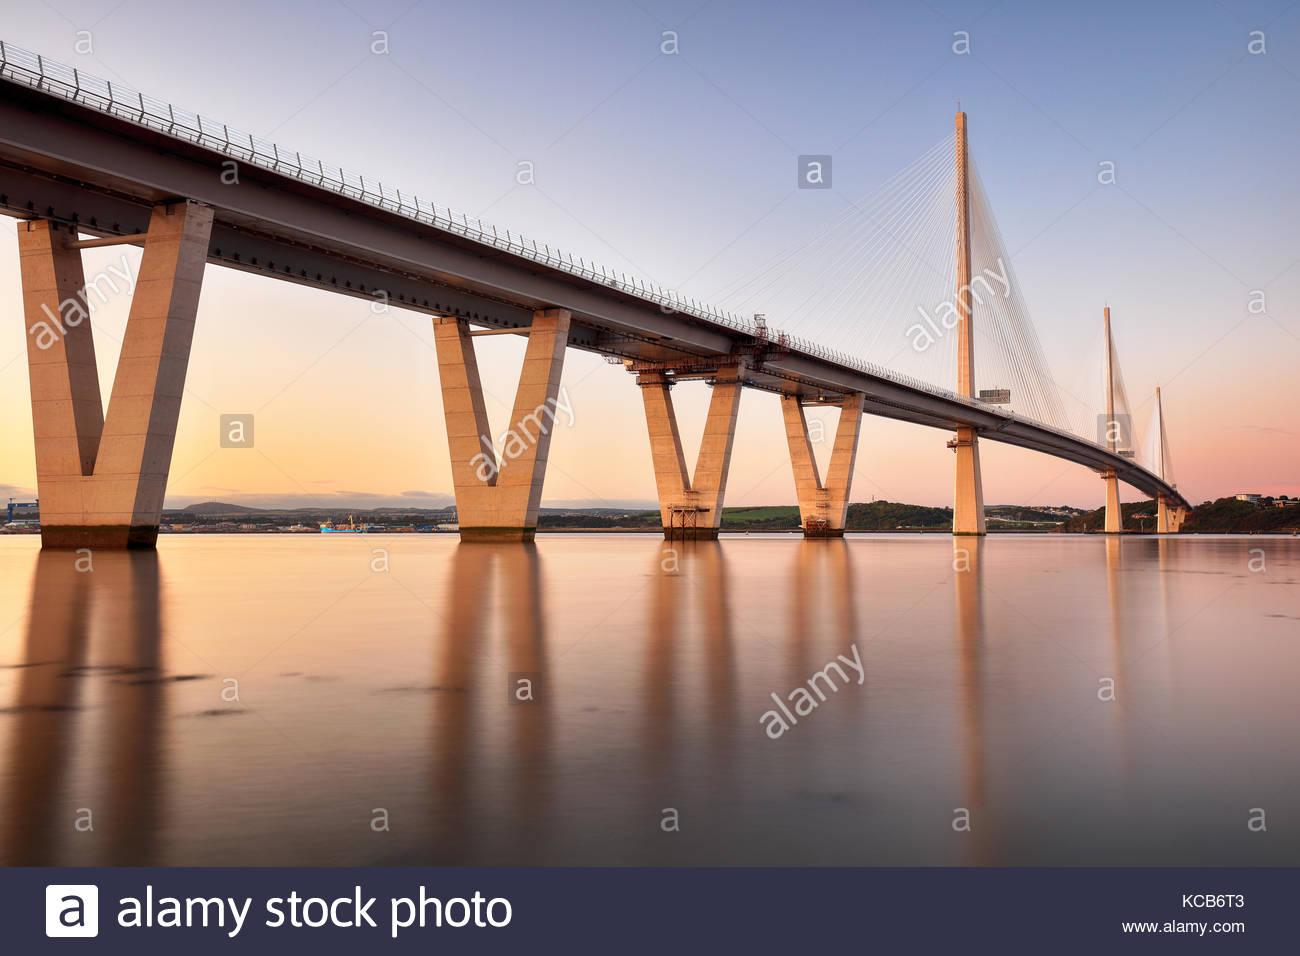 Reflexiones de la nueva Queensferry cruzando el puente sobre el Firth of Forth durante la puesta de sol. Foto de stock